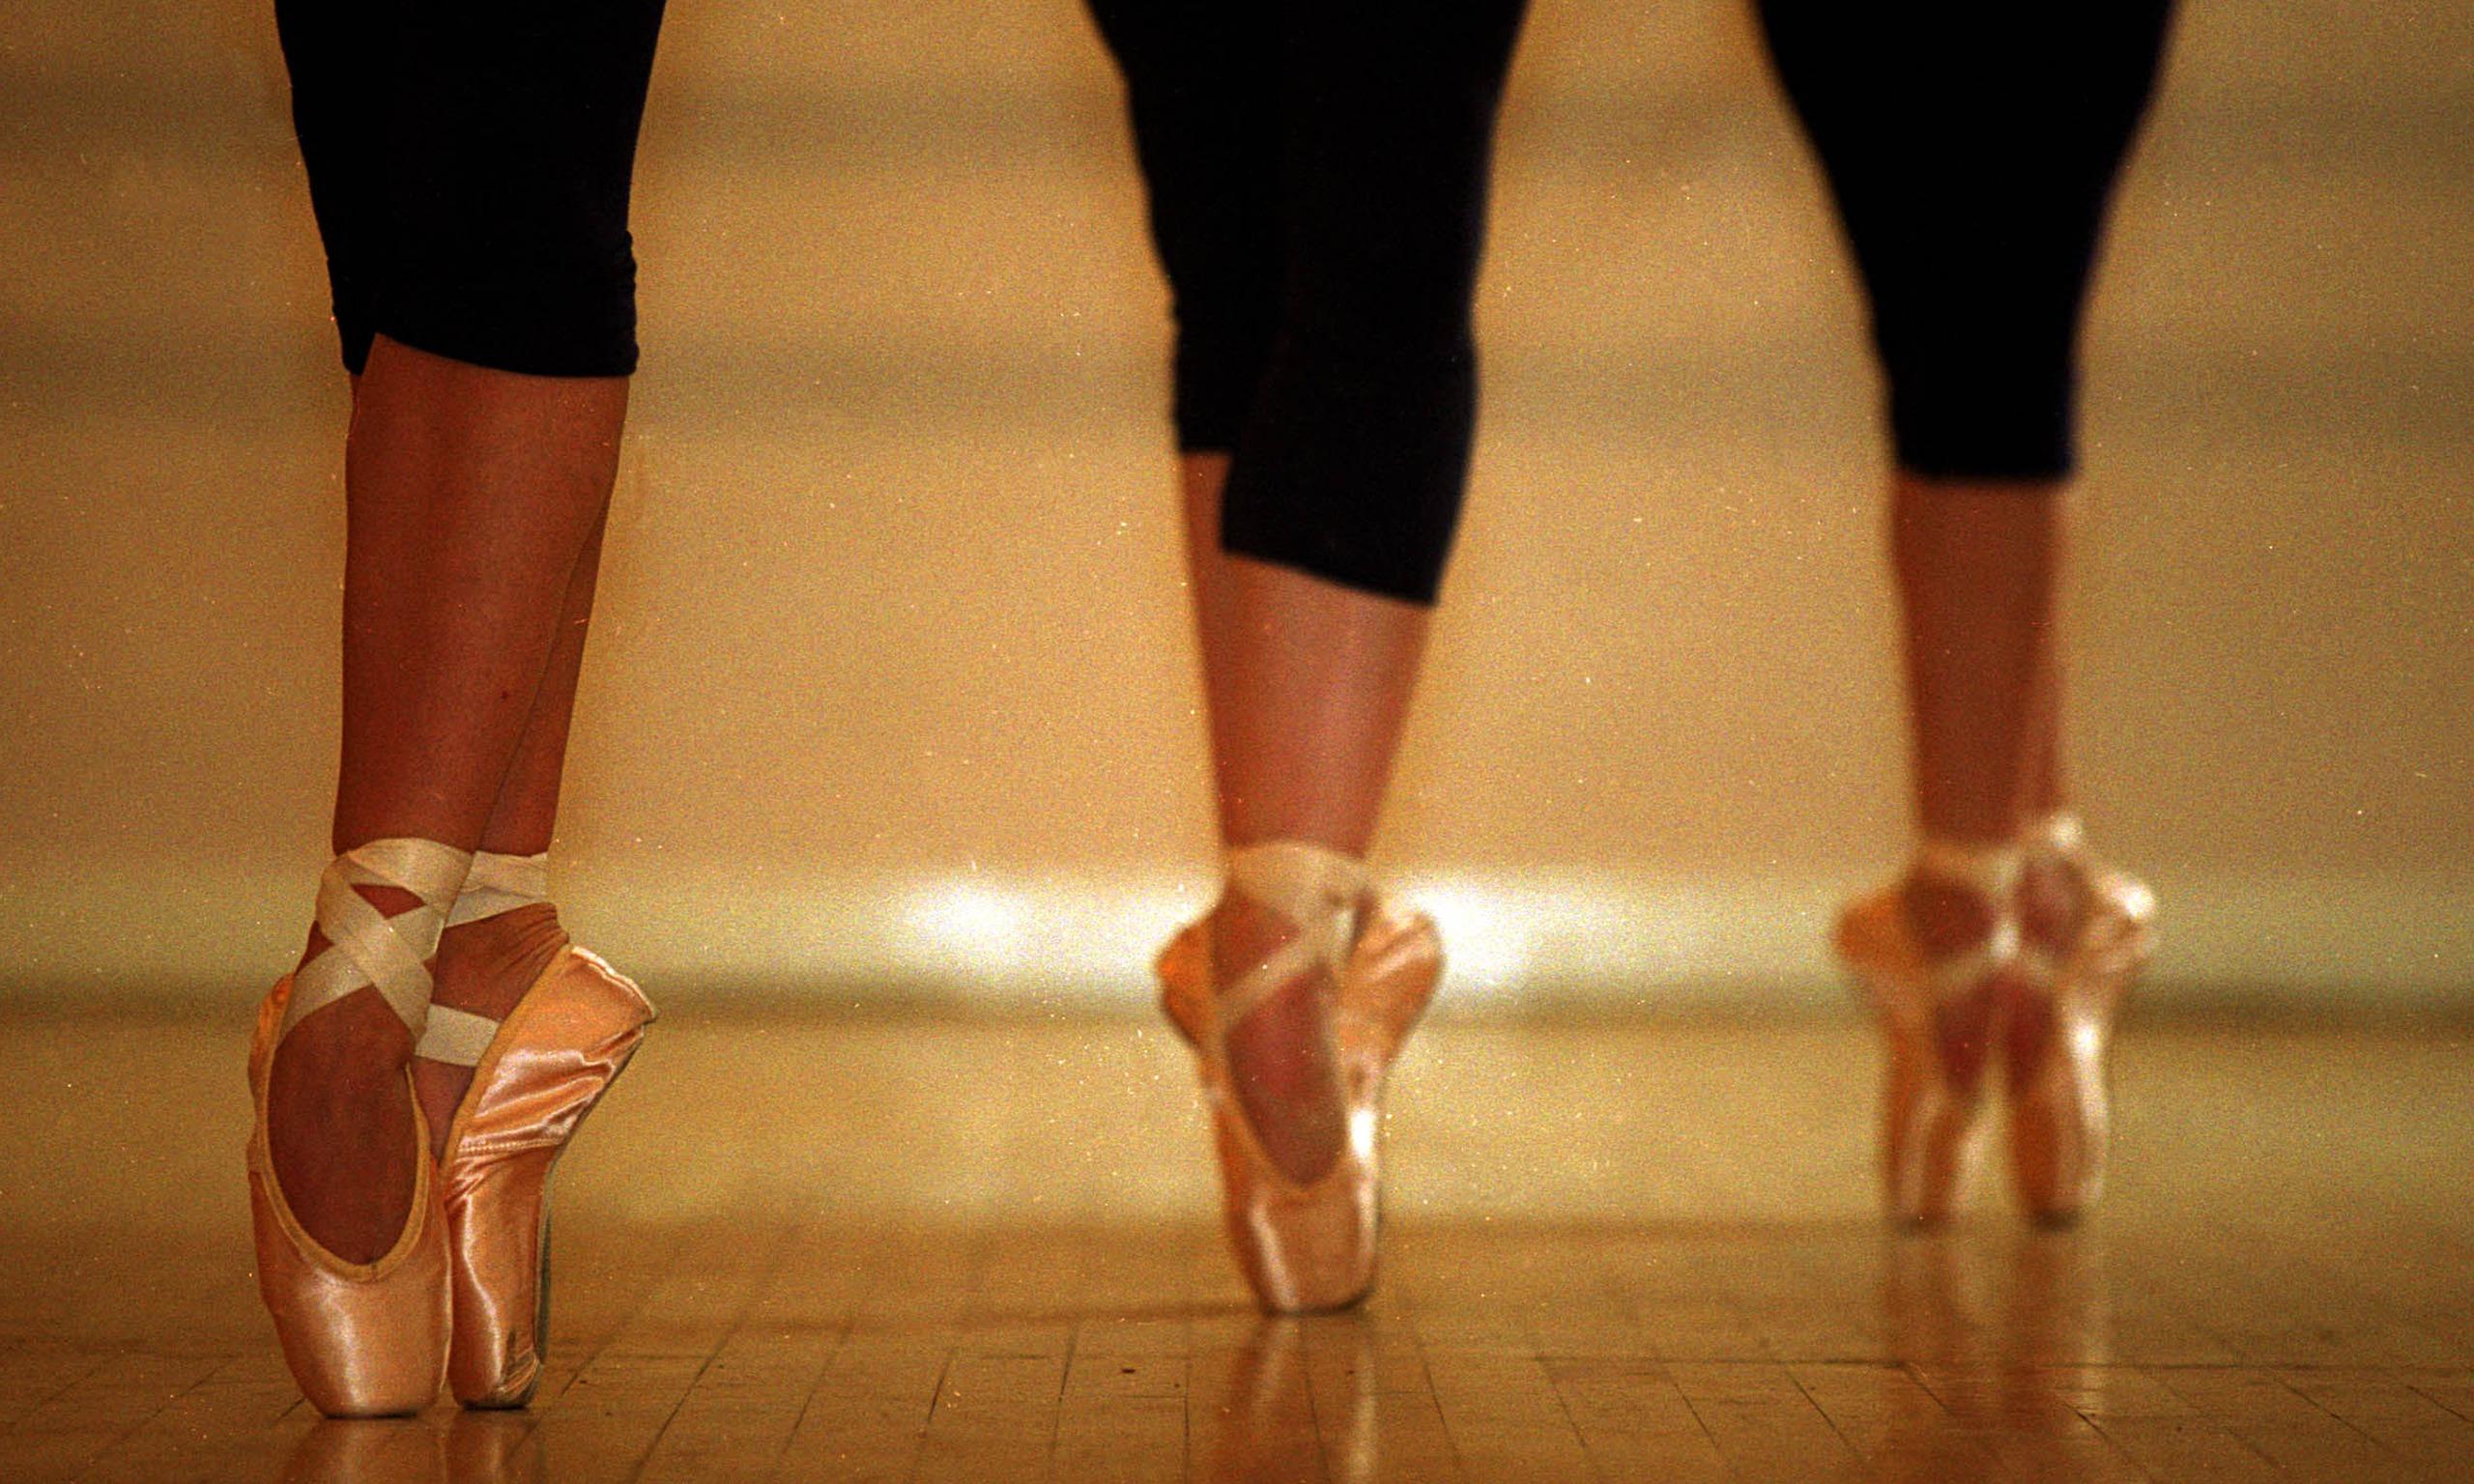 Los pies, principal elemento para el bailarín de ballet | Piedica ...